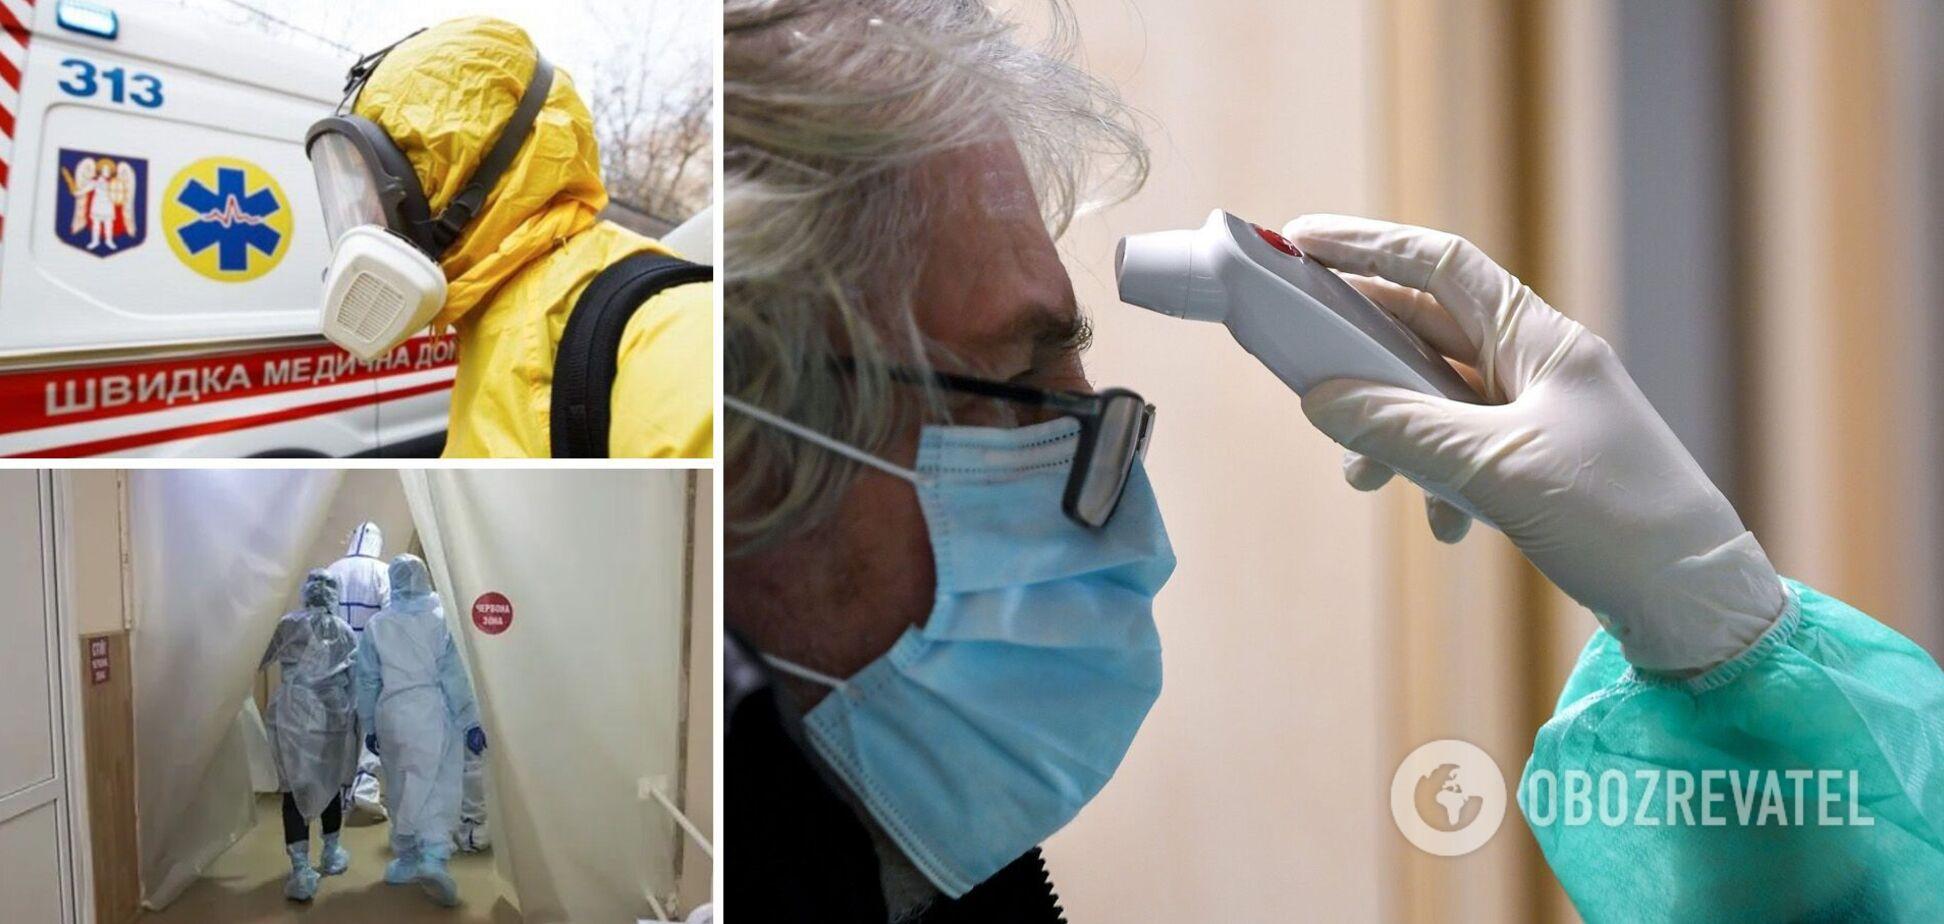 Новая 'красная' зона? 'Фейковый' коронавирус бьет рекорды на Винничине, пациенты боятся и плачут